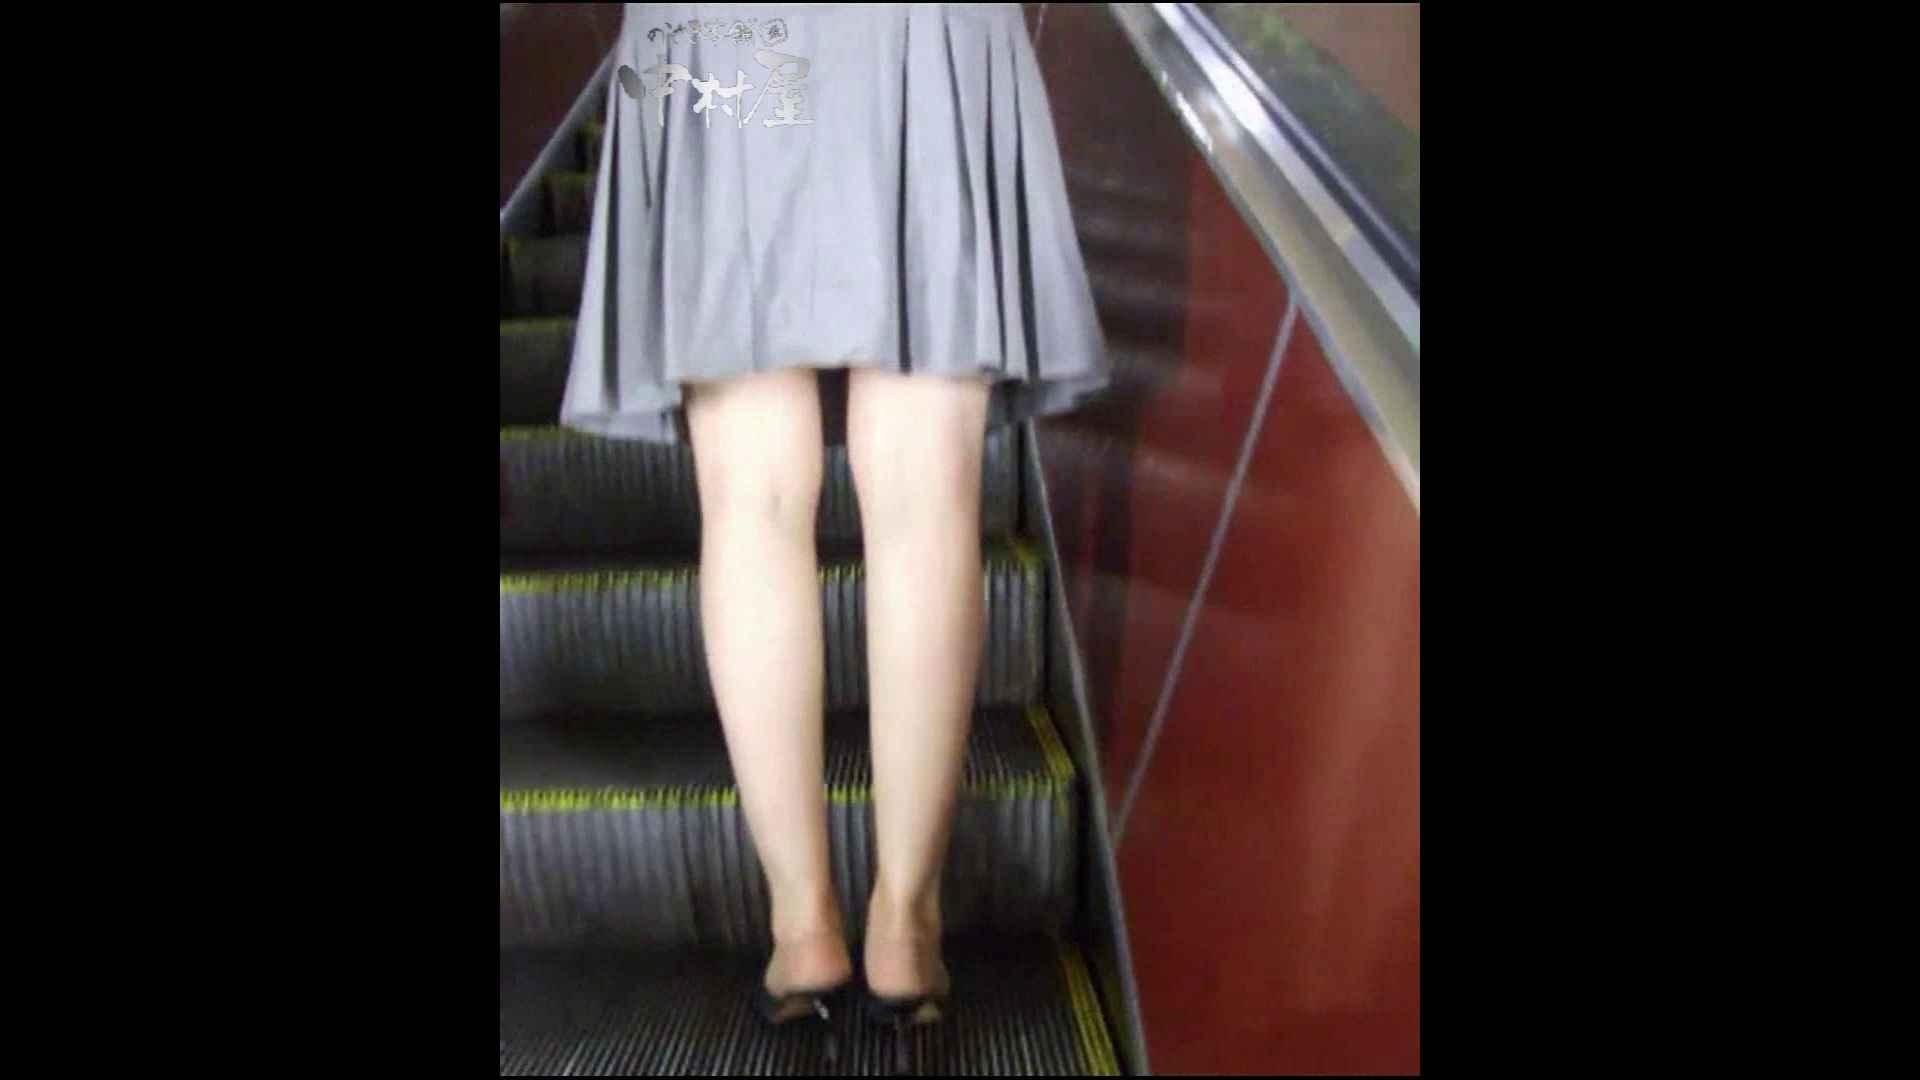 綺麗なモデルさんのスカート捲っちゃおう‼ vol23 エロいOL スケベ動画紹介 35枚